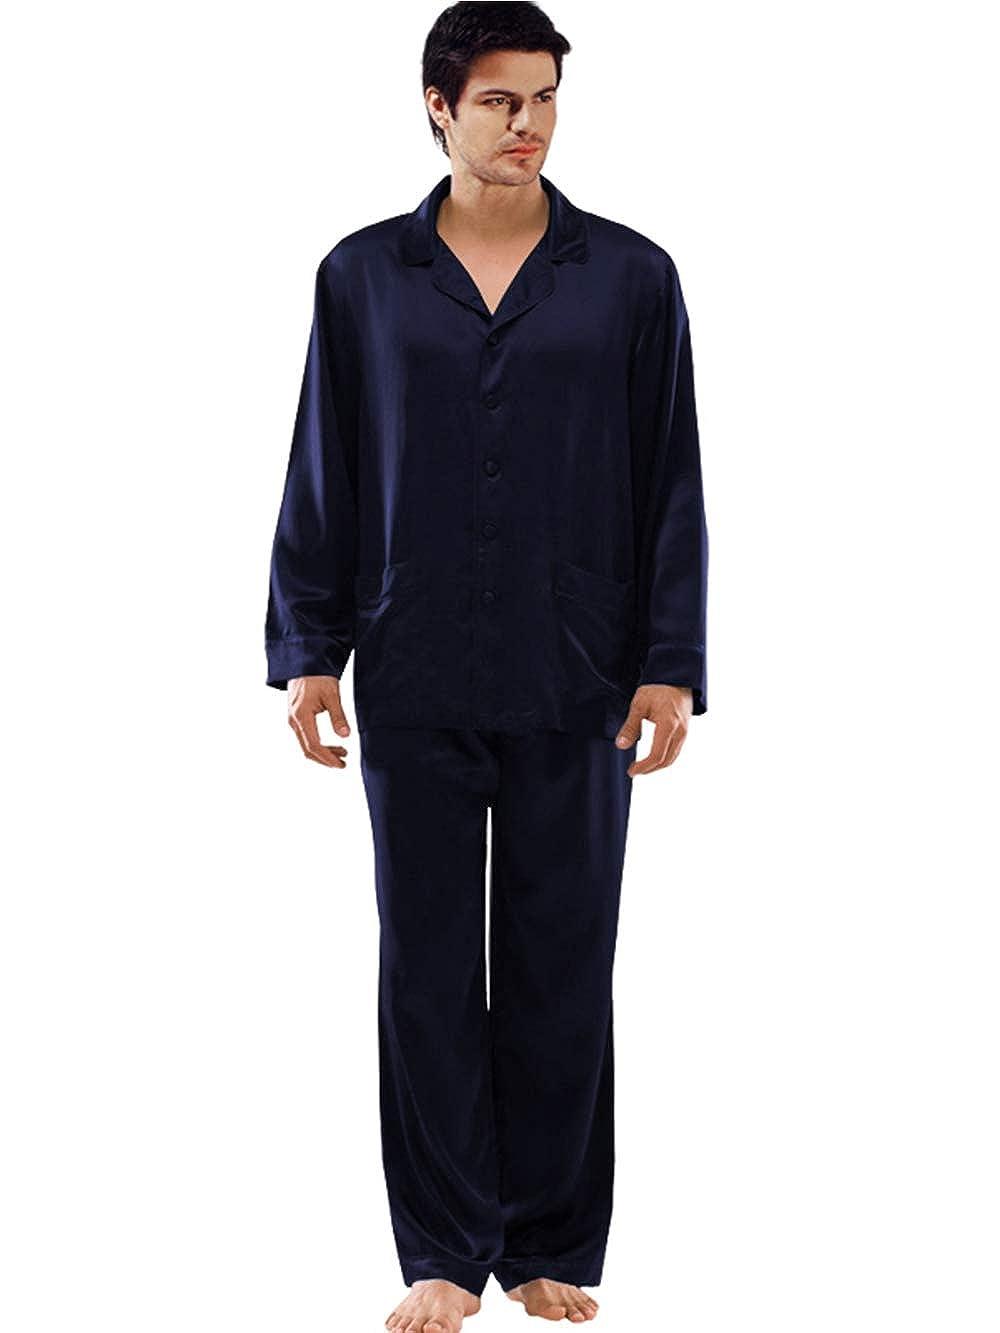 ElleSilk Set De Pijama De Seda para Hombres, Ropa De Dormir para Hombres 22 Mamá, Seda De Mora, Super Suave: Amazon.es: Ropa y accesorios